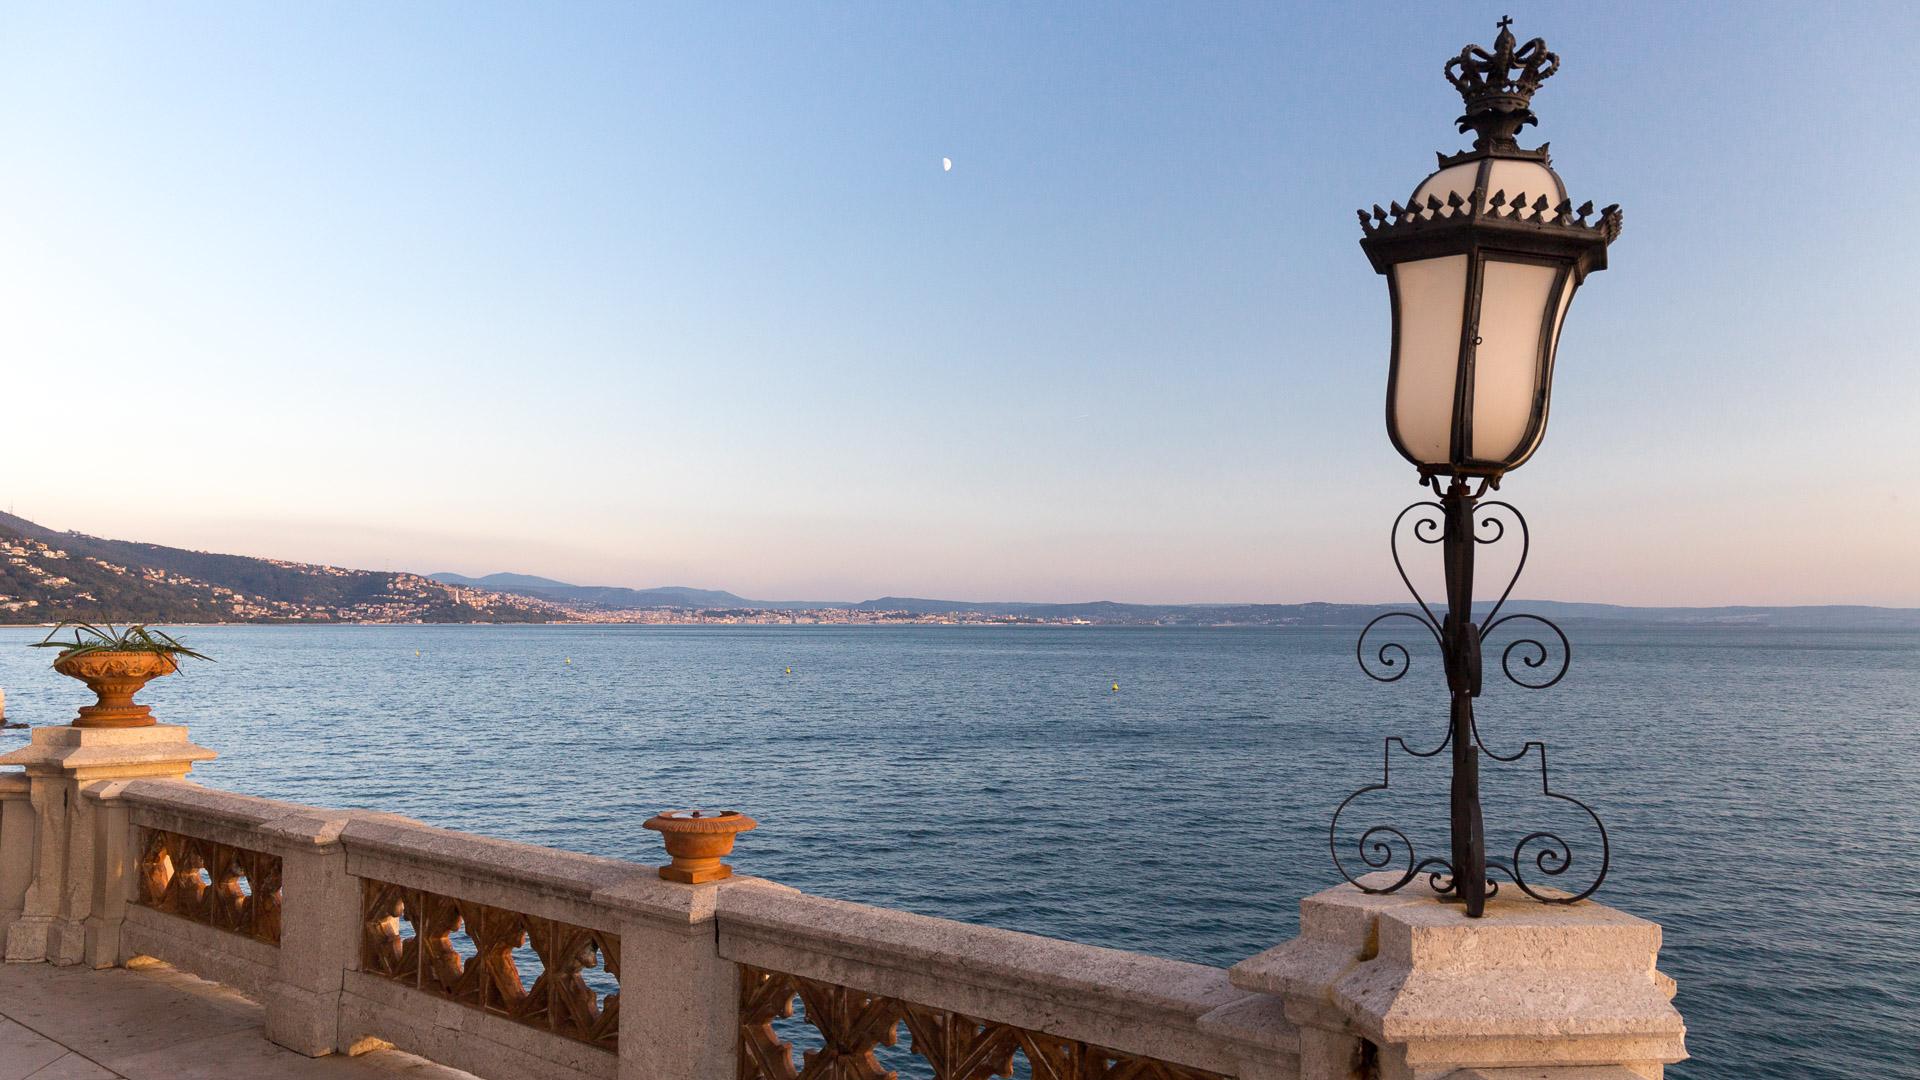 Blick von der Terrasse des Schlosses Miramare